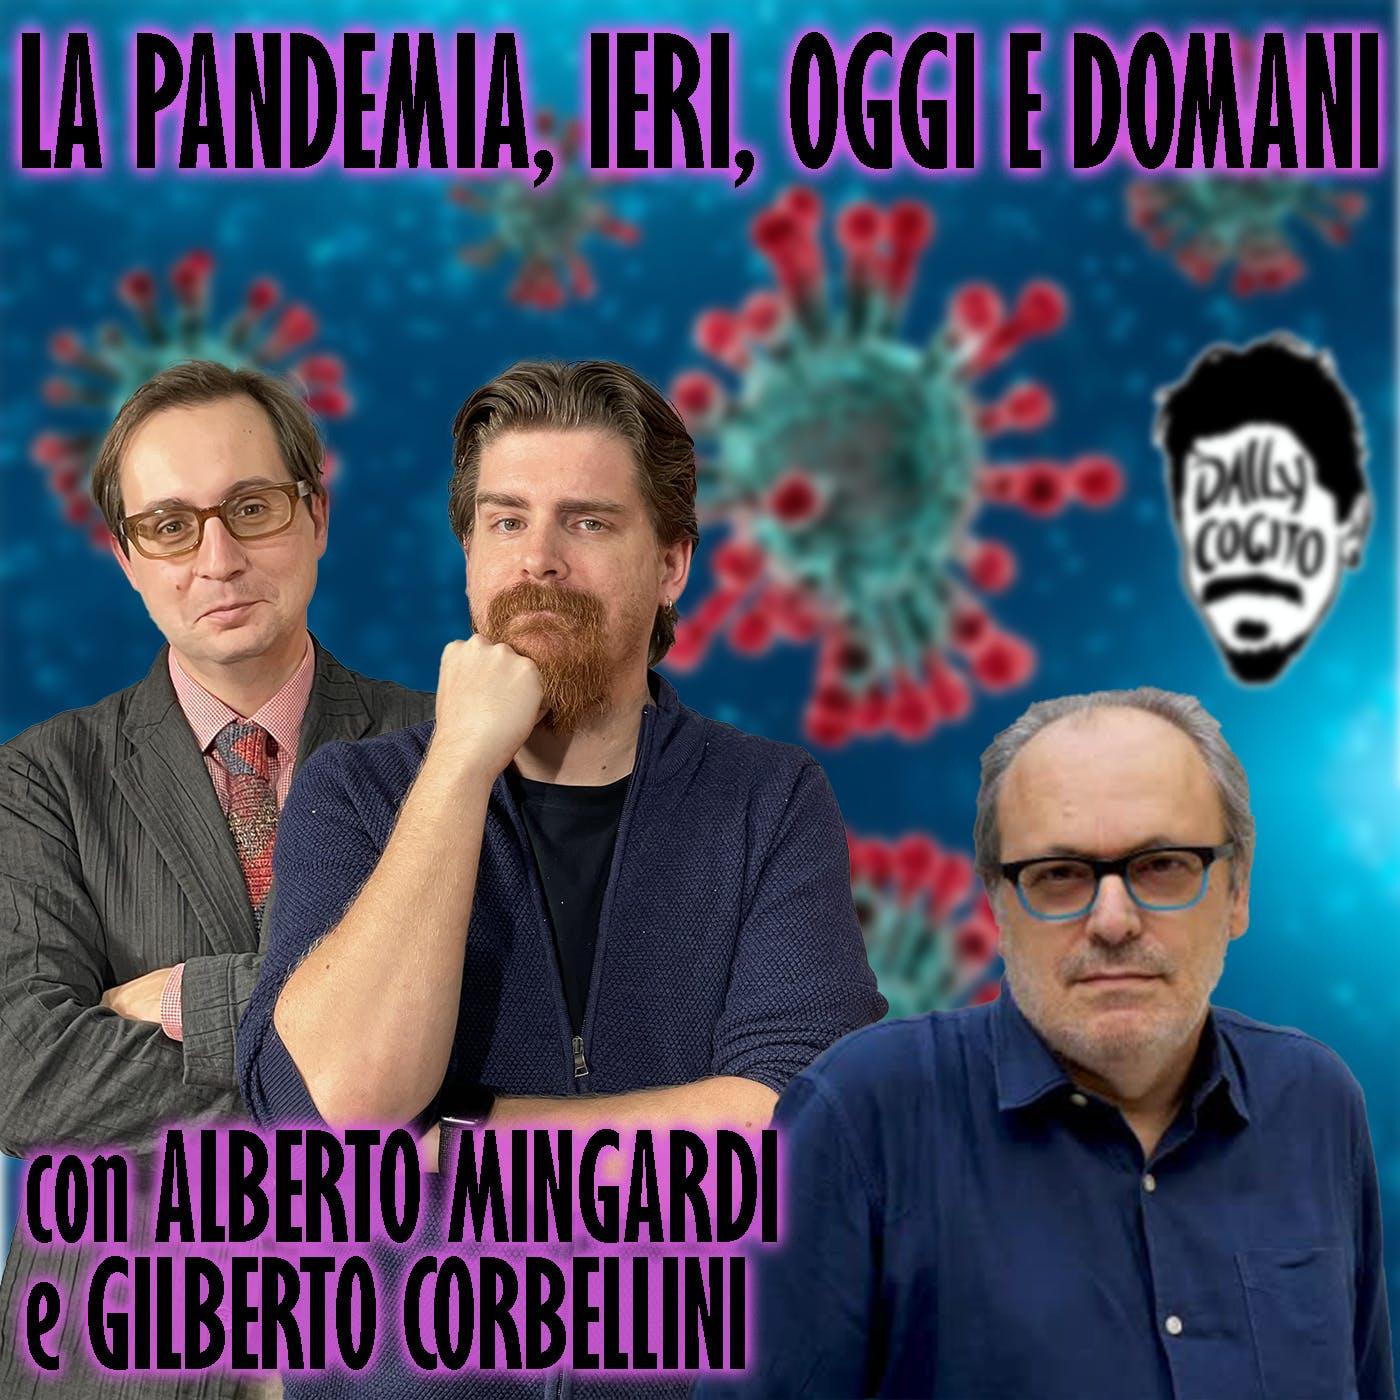 Passato, presente e futuro della Pandemia: lockdown e dintorni - con Alberto Mingardi e Gilberto Corbellini